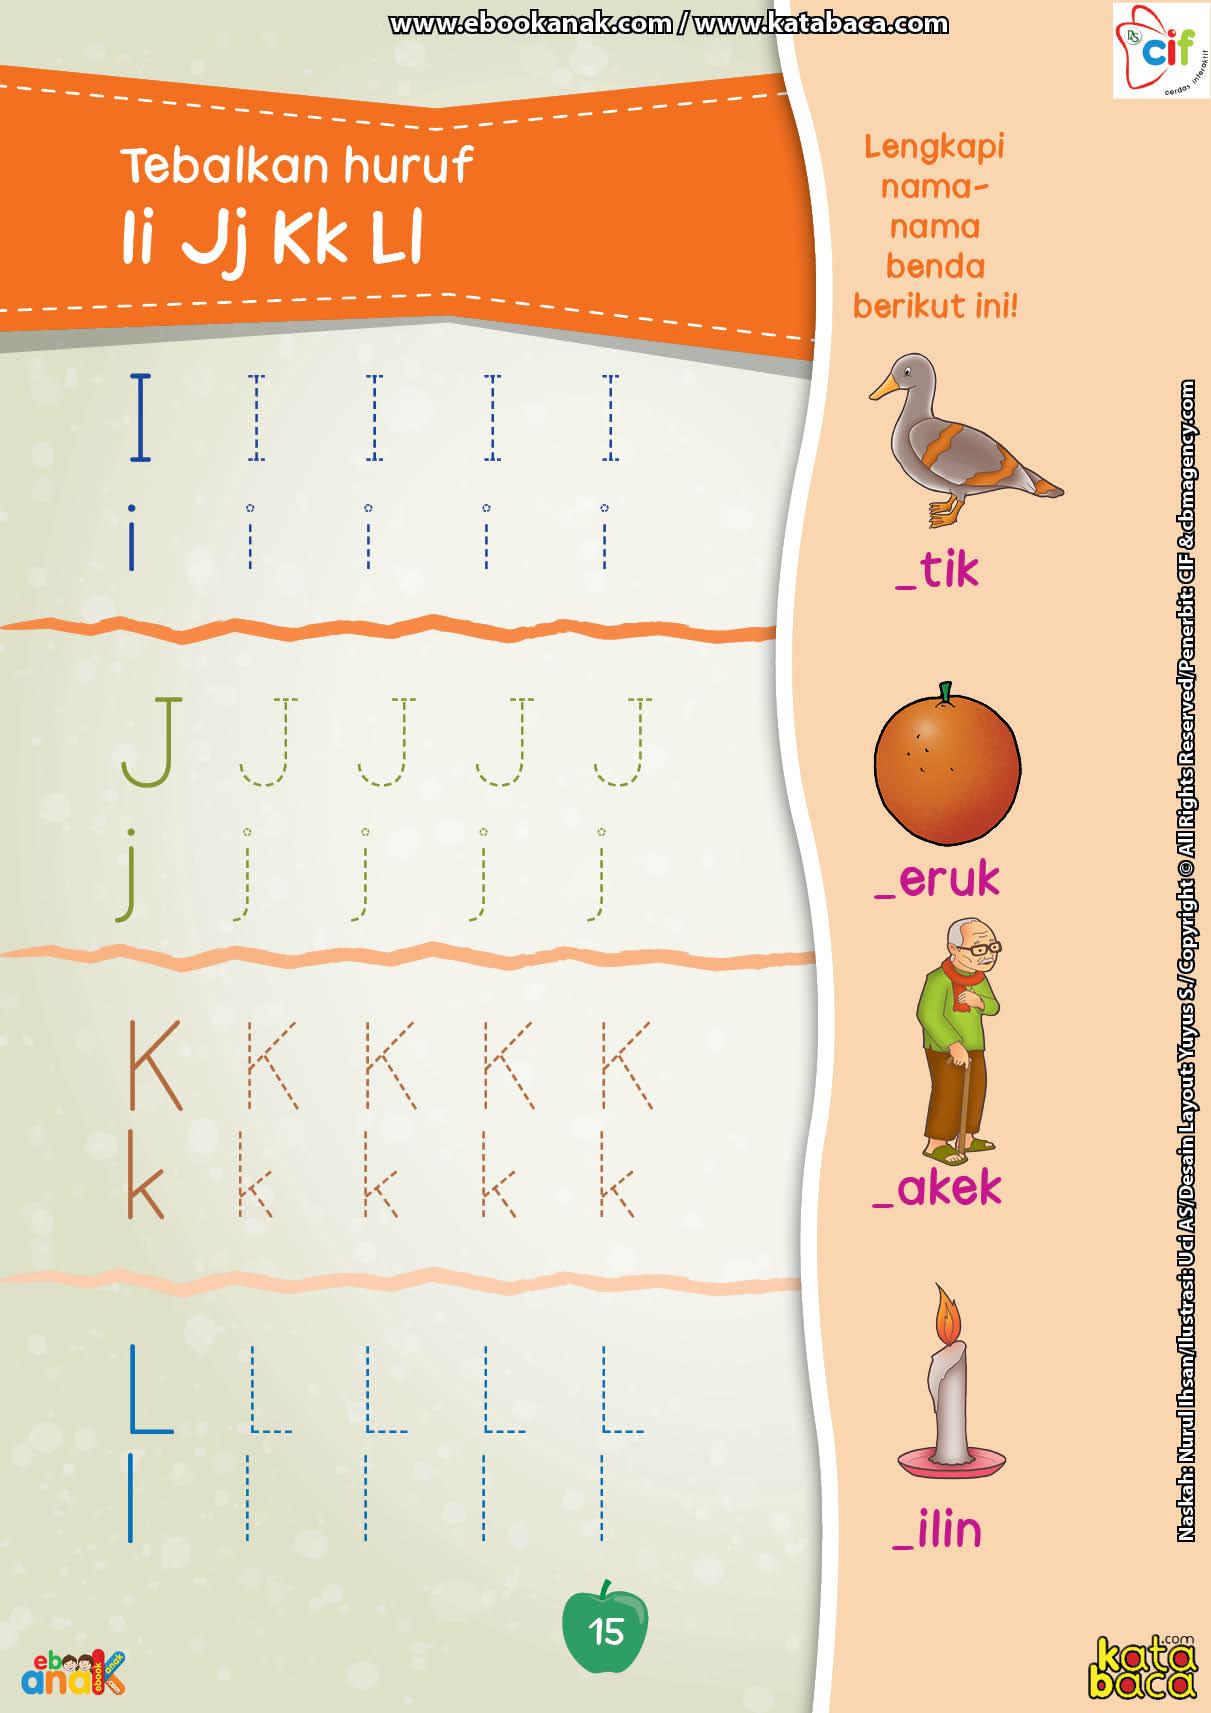 baca buku online brain games calistung15 Menebalkan Huruf IJKL dan melengkapi Nama-Nama Benda